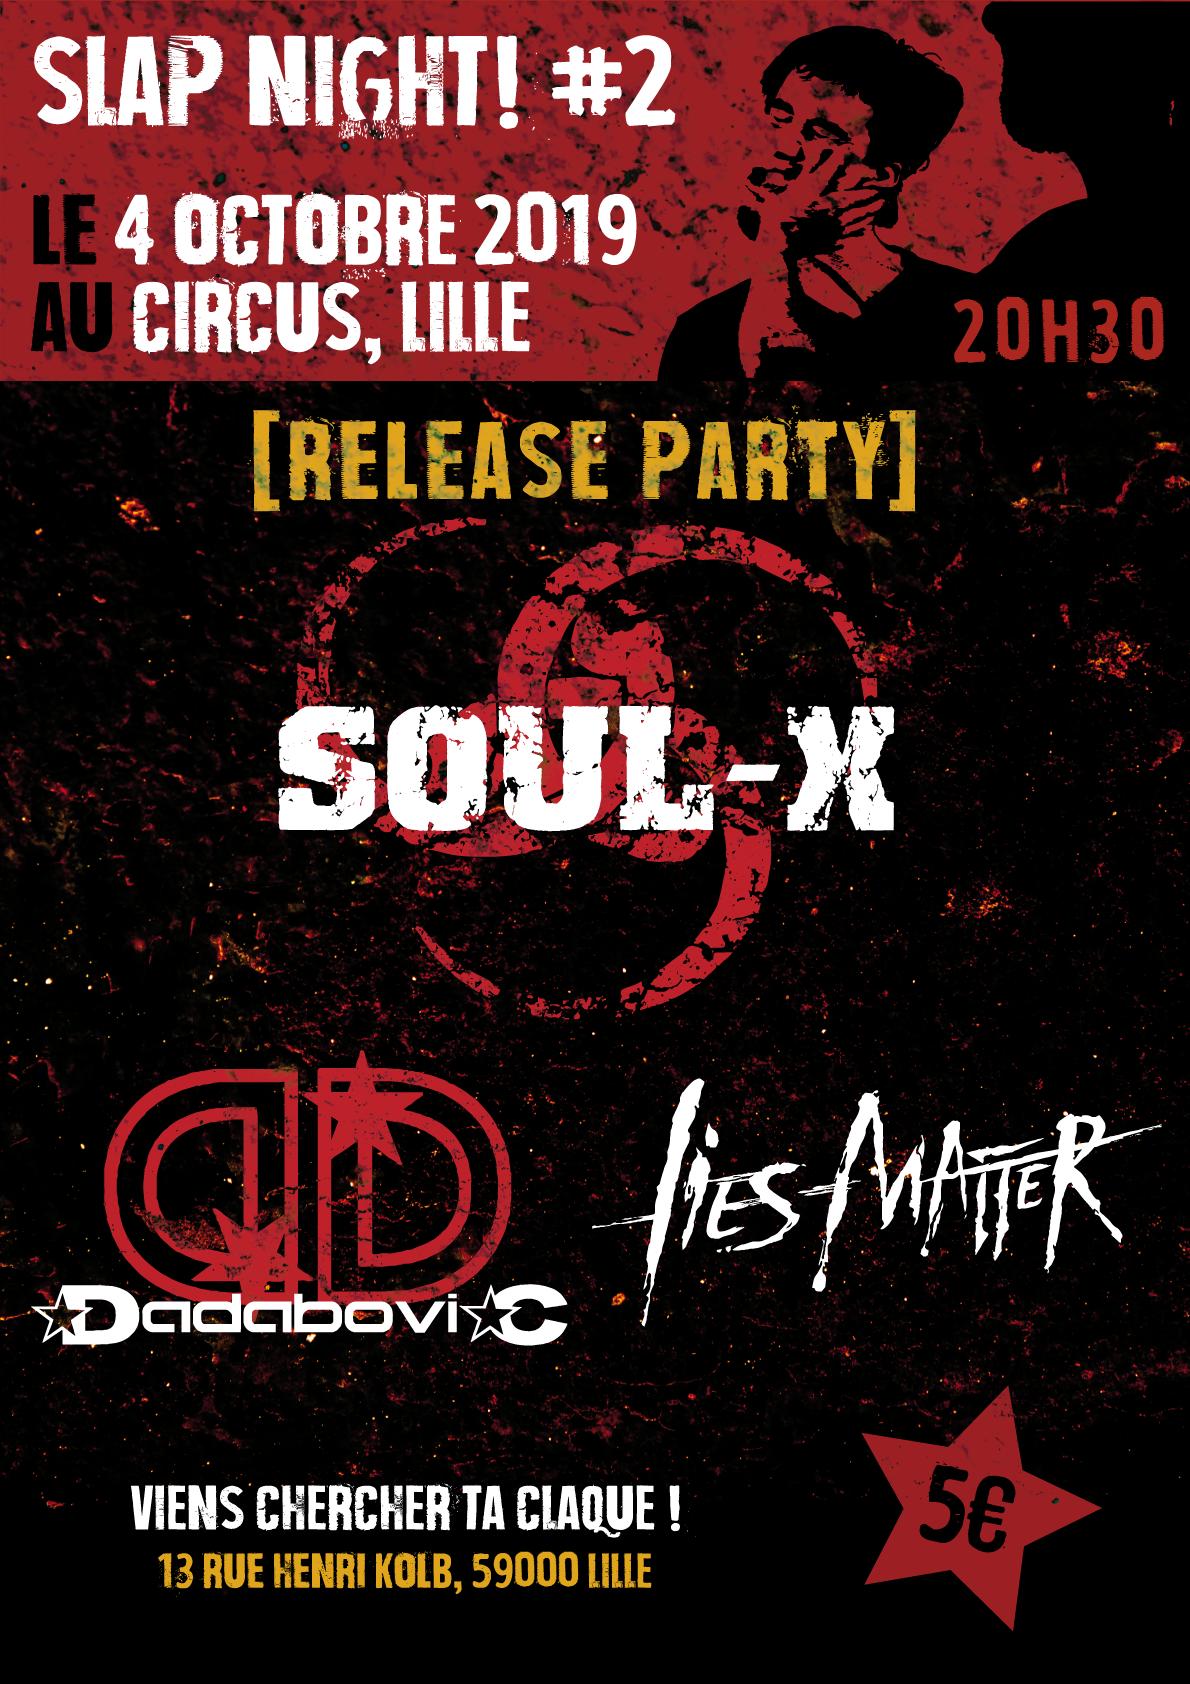 Slap Night ! #2 : Soul-x + Dadabovic + Lies Matter